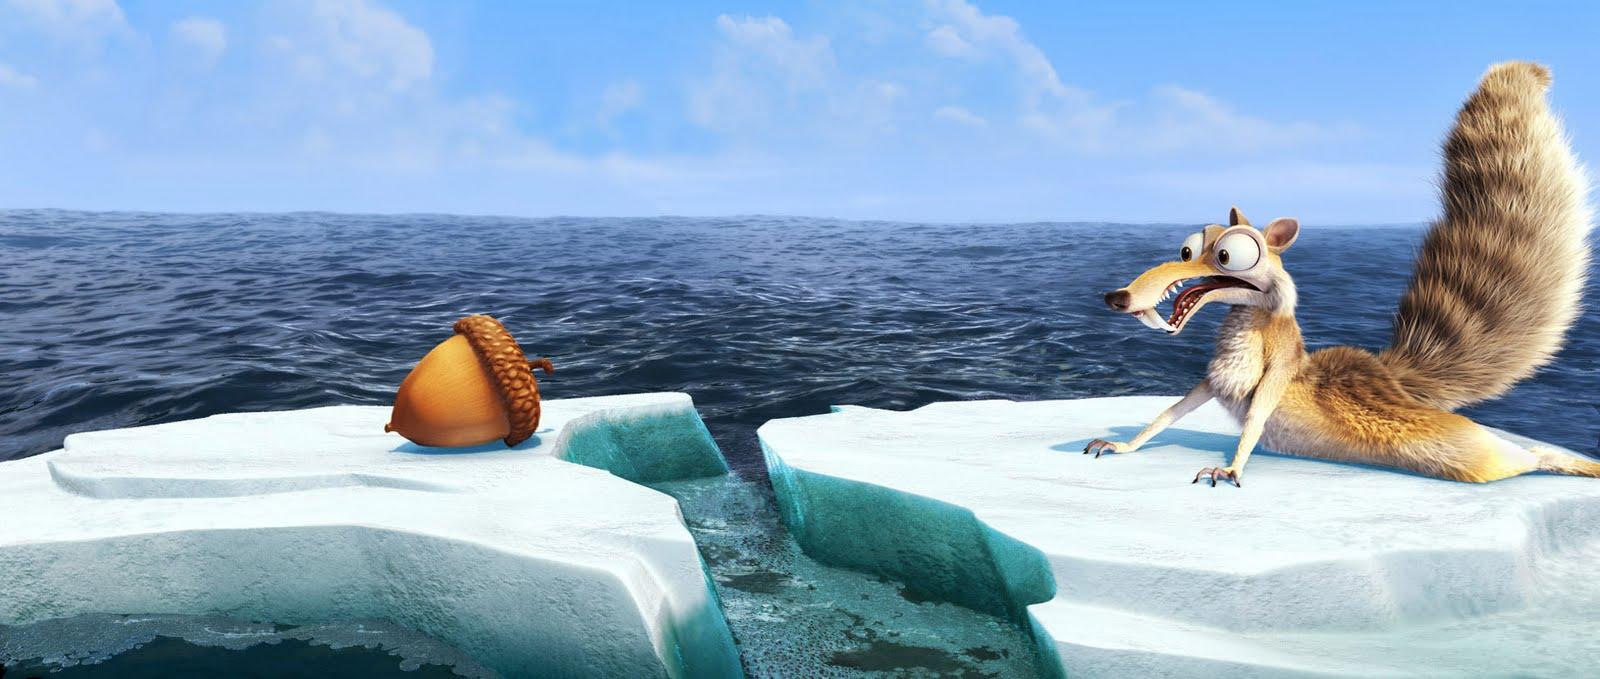 Ice Age 4 Voll Verschoben Absolut Cool Meine Welt My World